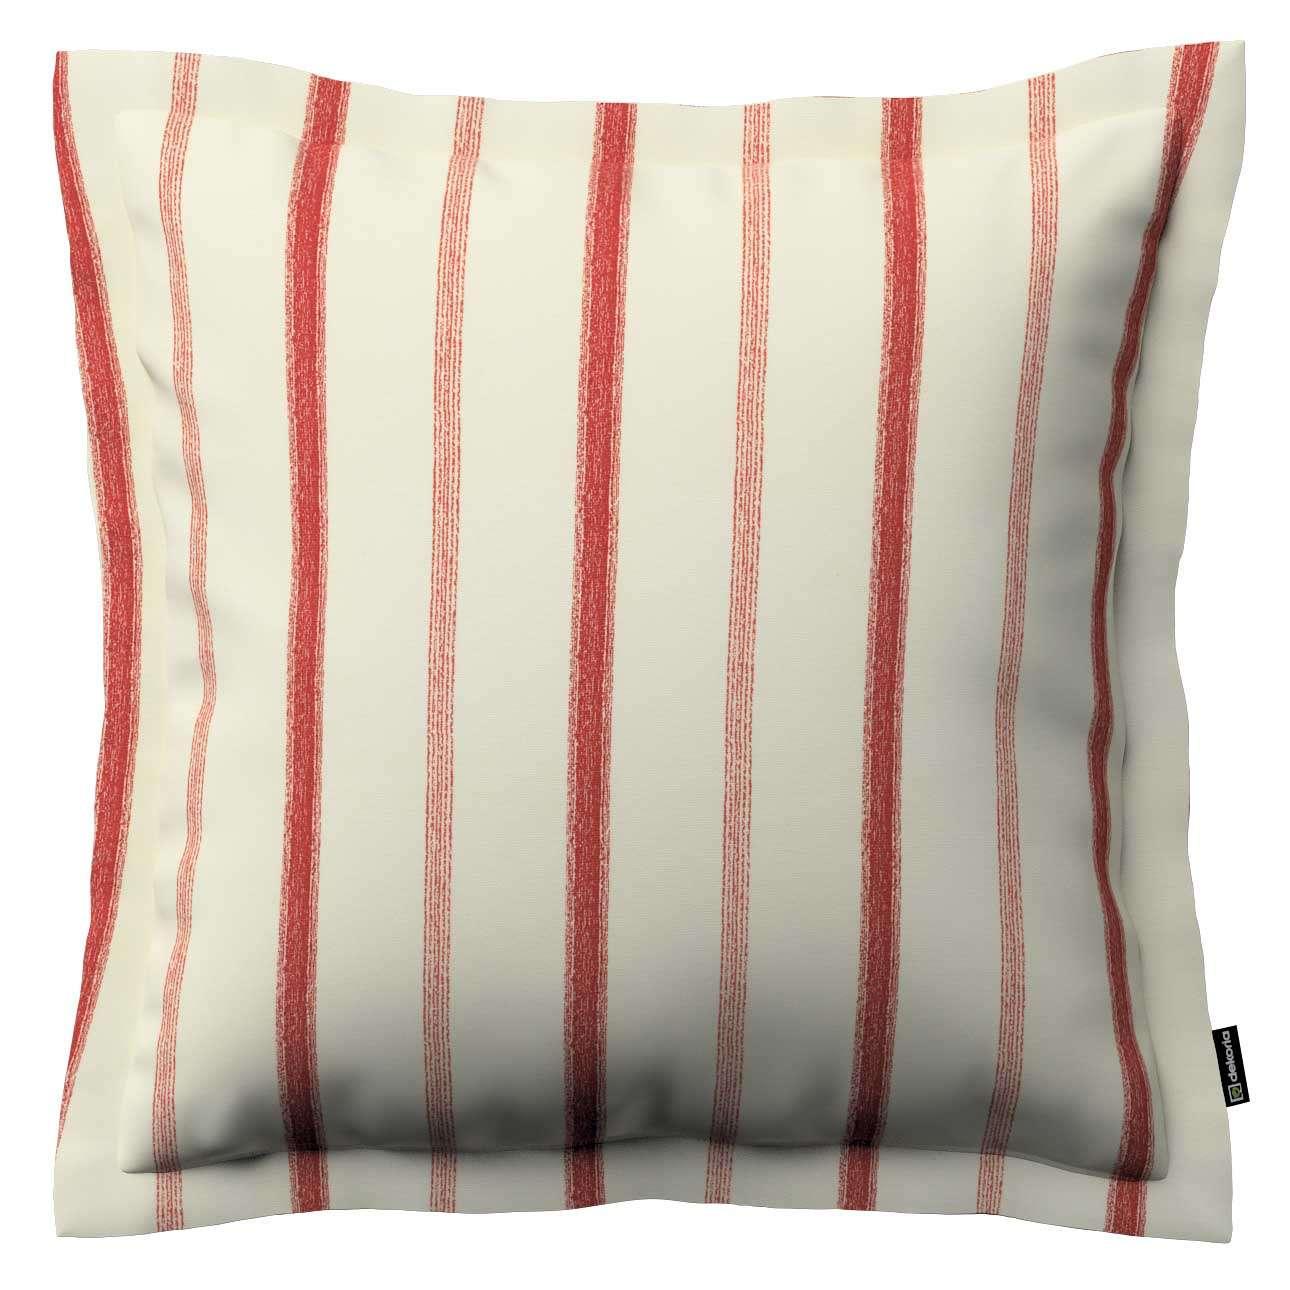 Mona dekoratyvinių pagalvėlių užvalkalas su sienele 45 x 45cm kolekcijoje Avinon, audinys: 129-15